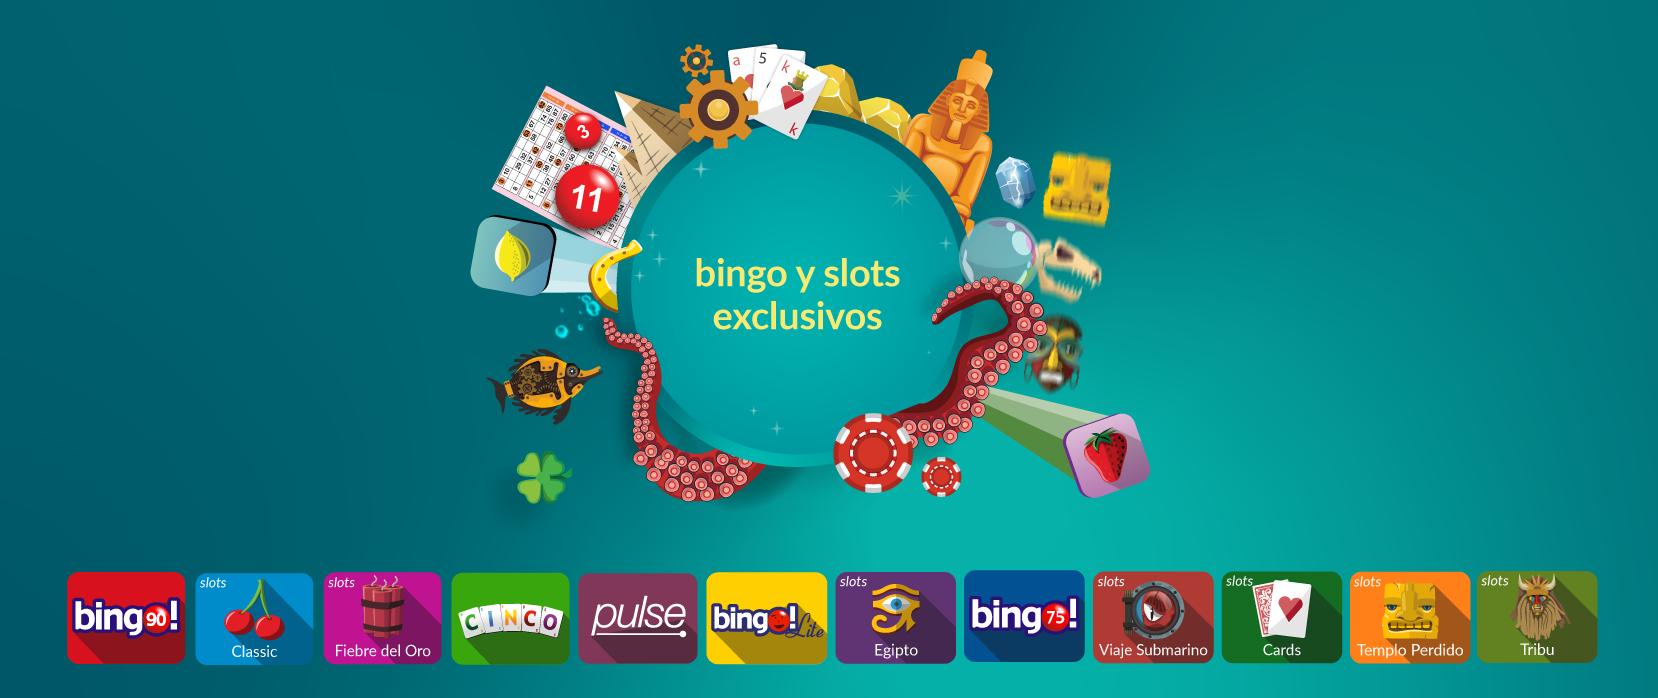 bingo online y slots exclusivos